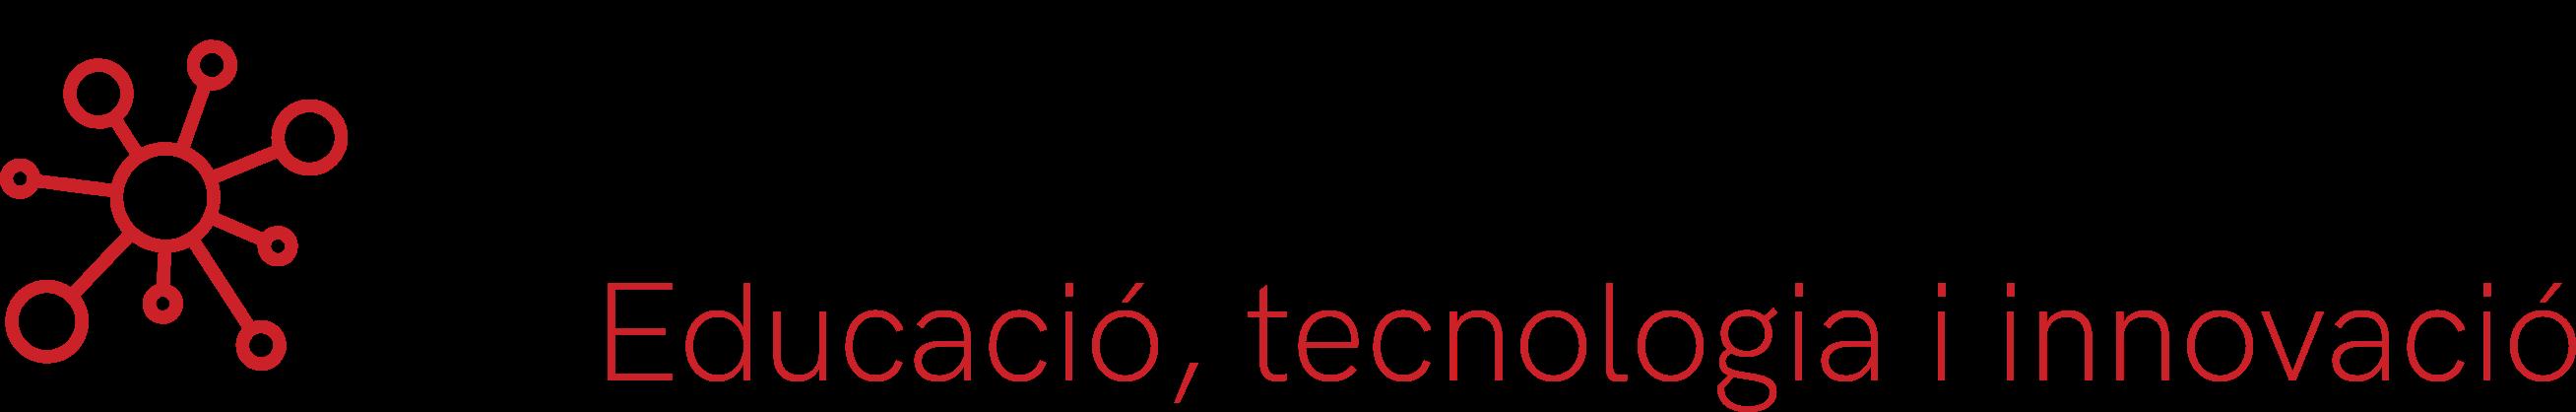 B3: Bits sobre educació, tecnologia i innovació Logo